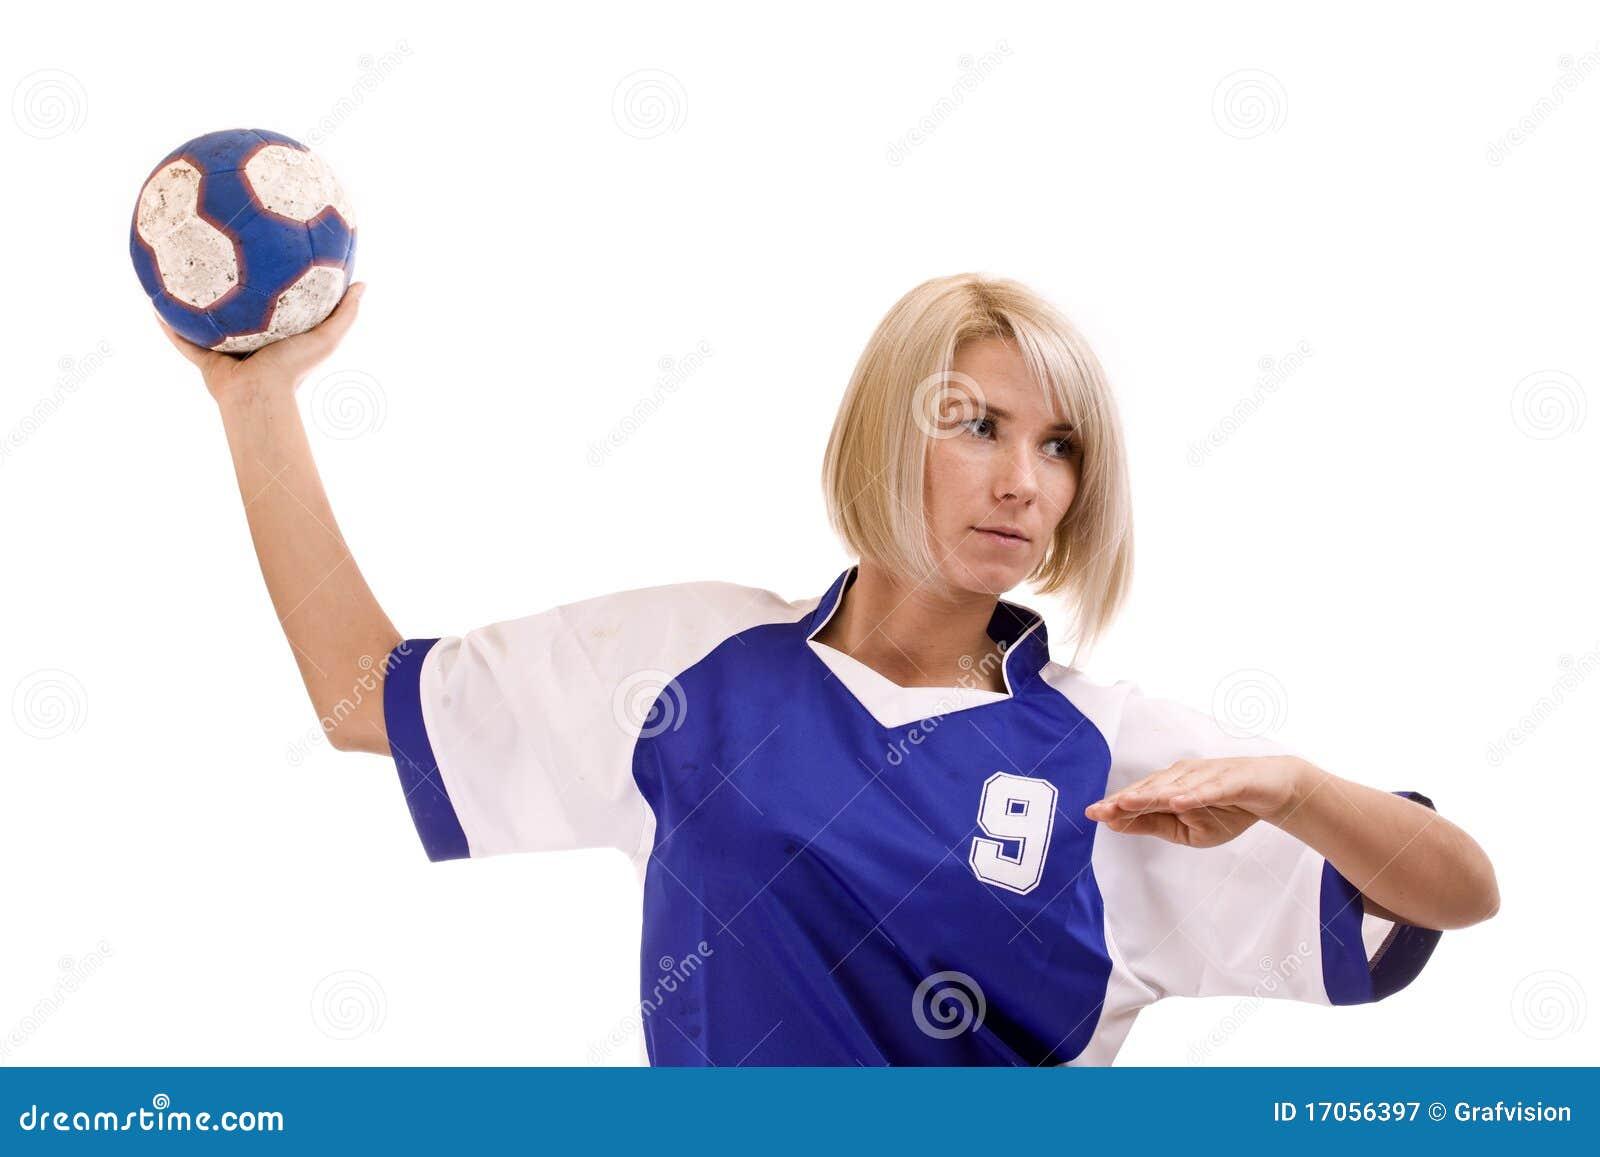 θηλυκός φορέας χάντμπολ